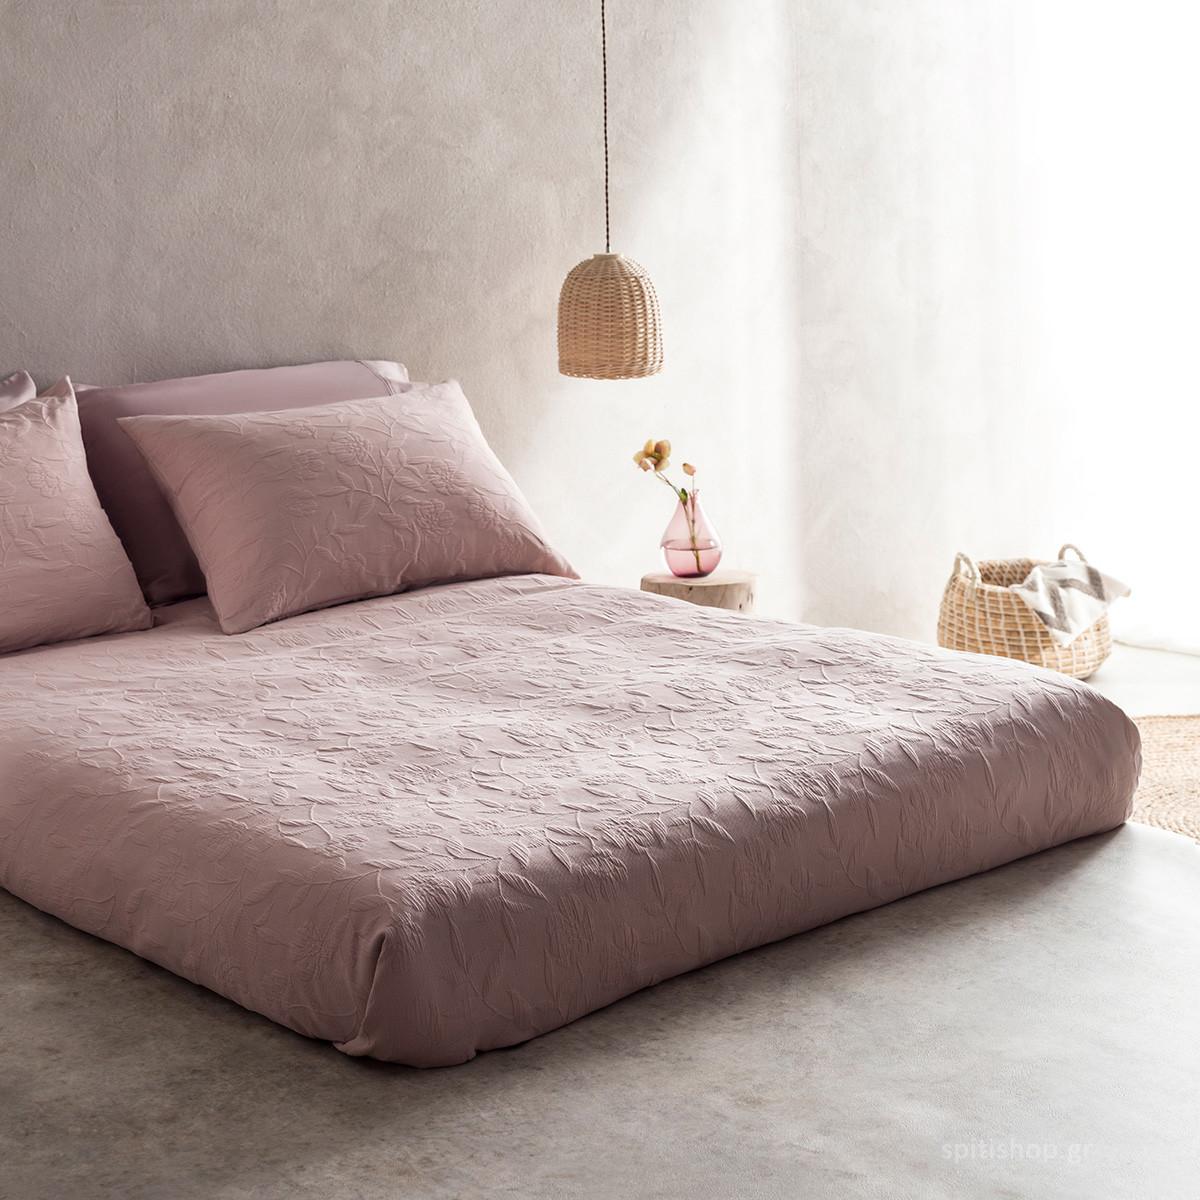 Κουβερτόριο Μονό Gofis Home Laurele Pink 978/17